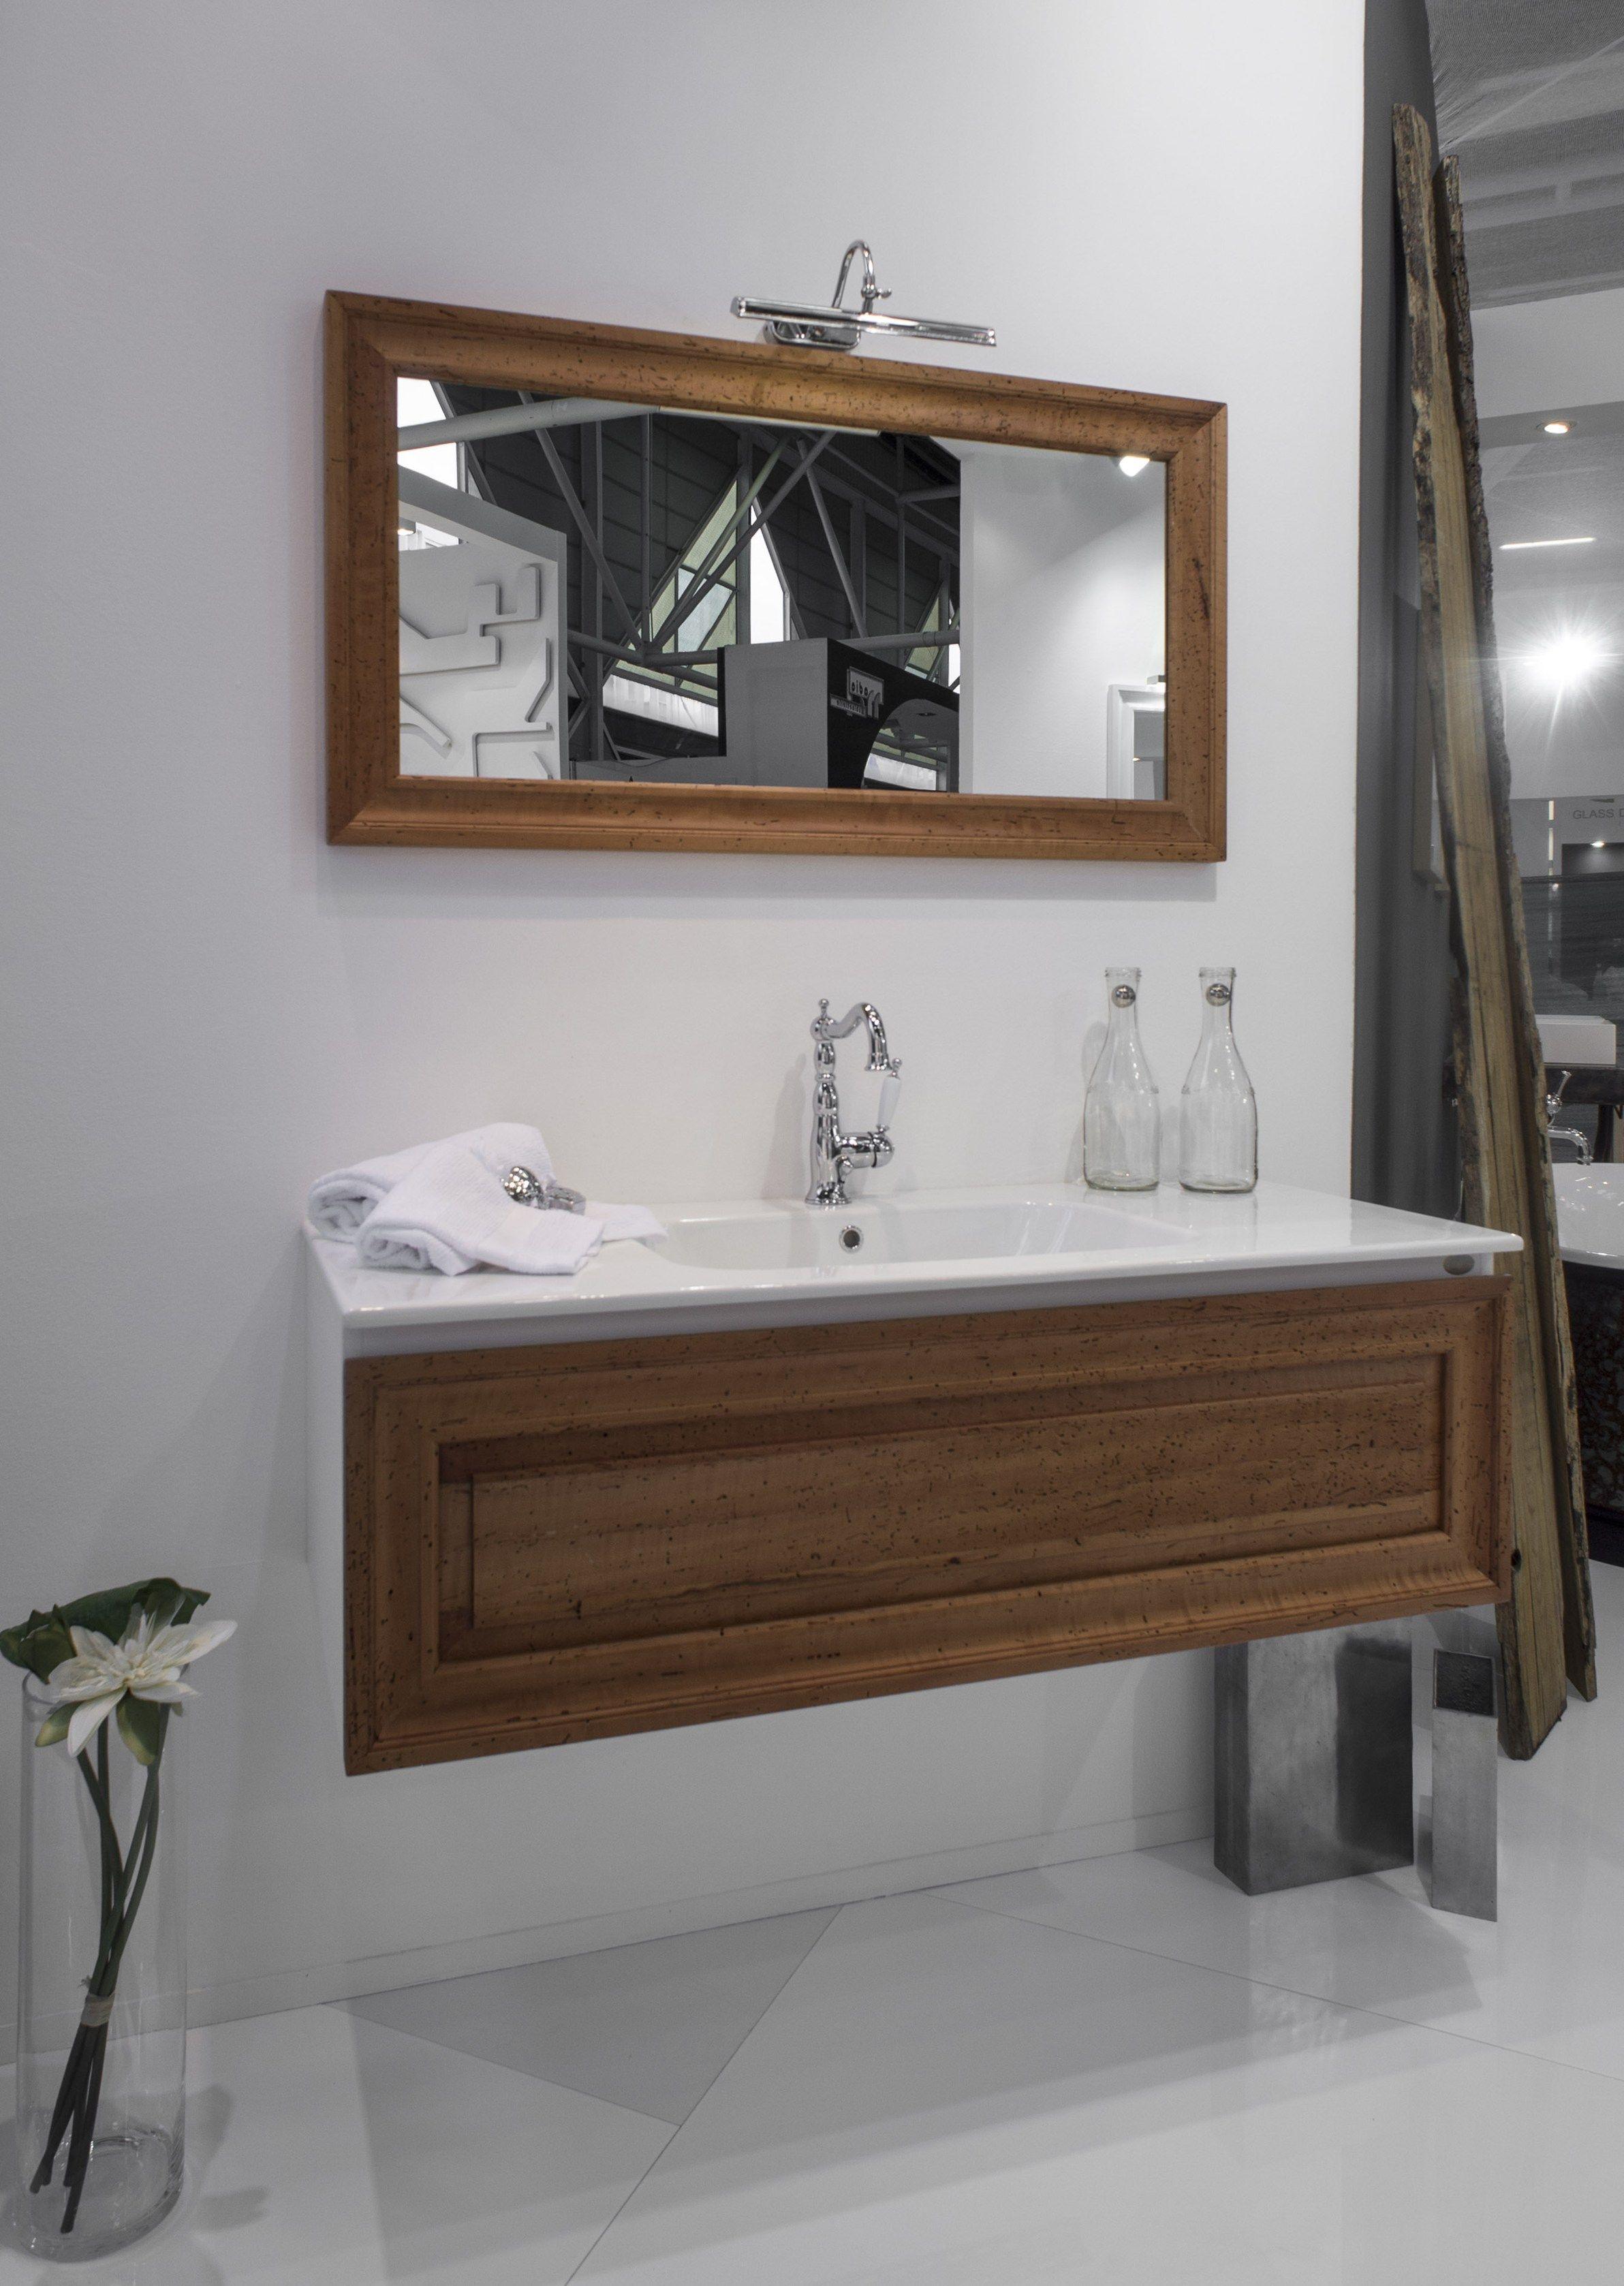 Muebles Baño Vintage:Mueble de baño de madera CHARME VINTAGE 2